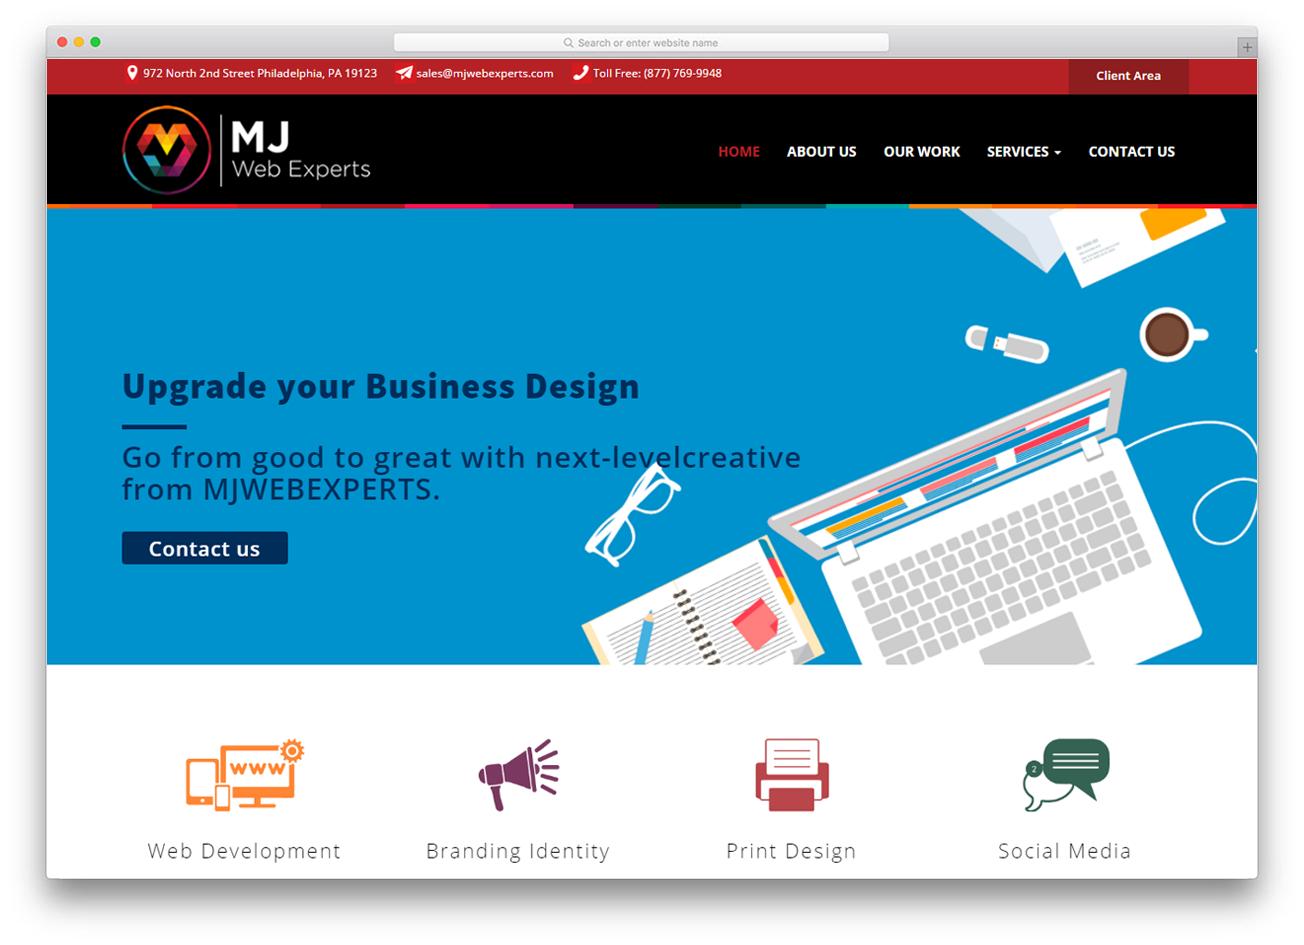 MJ Web Experts